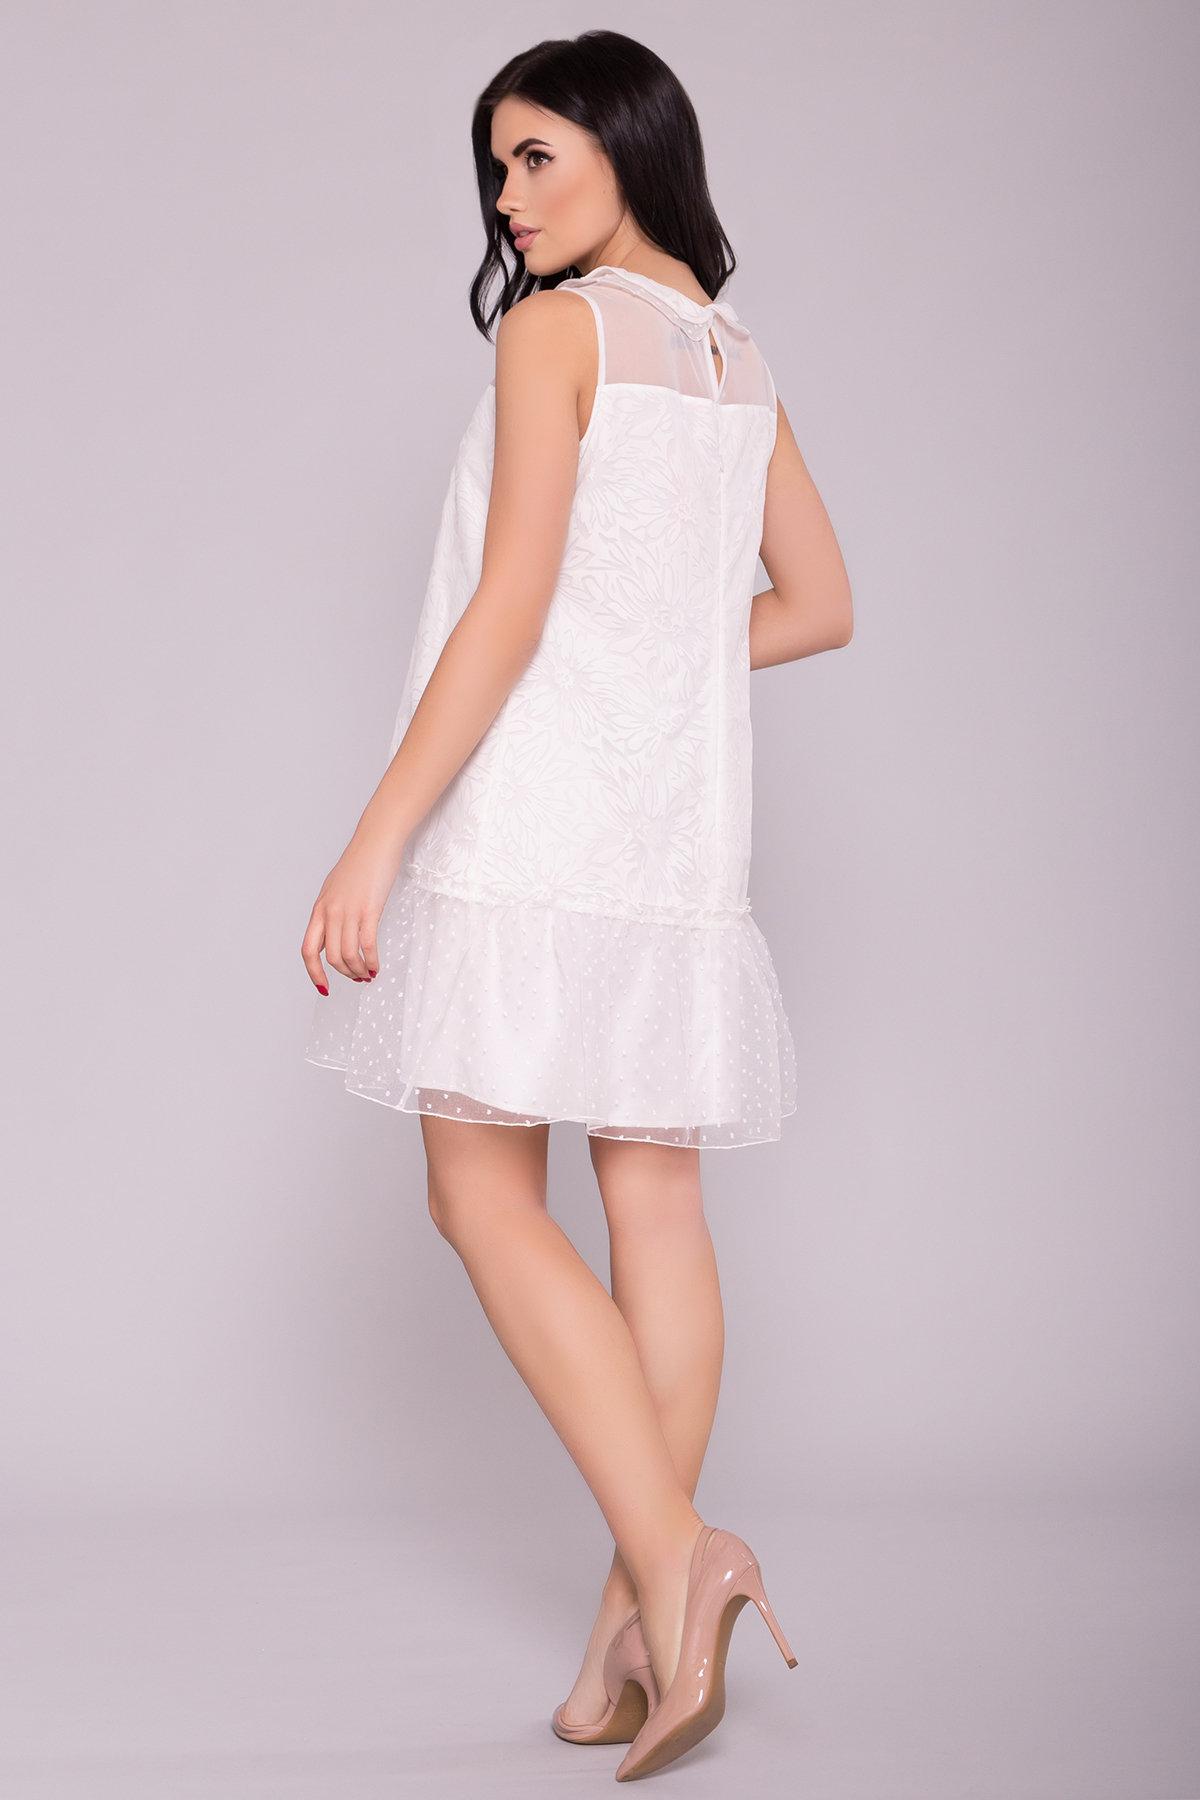 Платье Манила 6978 АРТ. 42369 Цвет: Молоко/мушка/Молоко - фото 2, интернет магазин tm-modus.ru